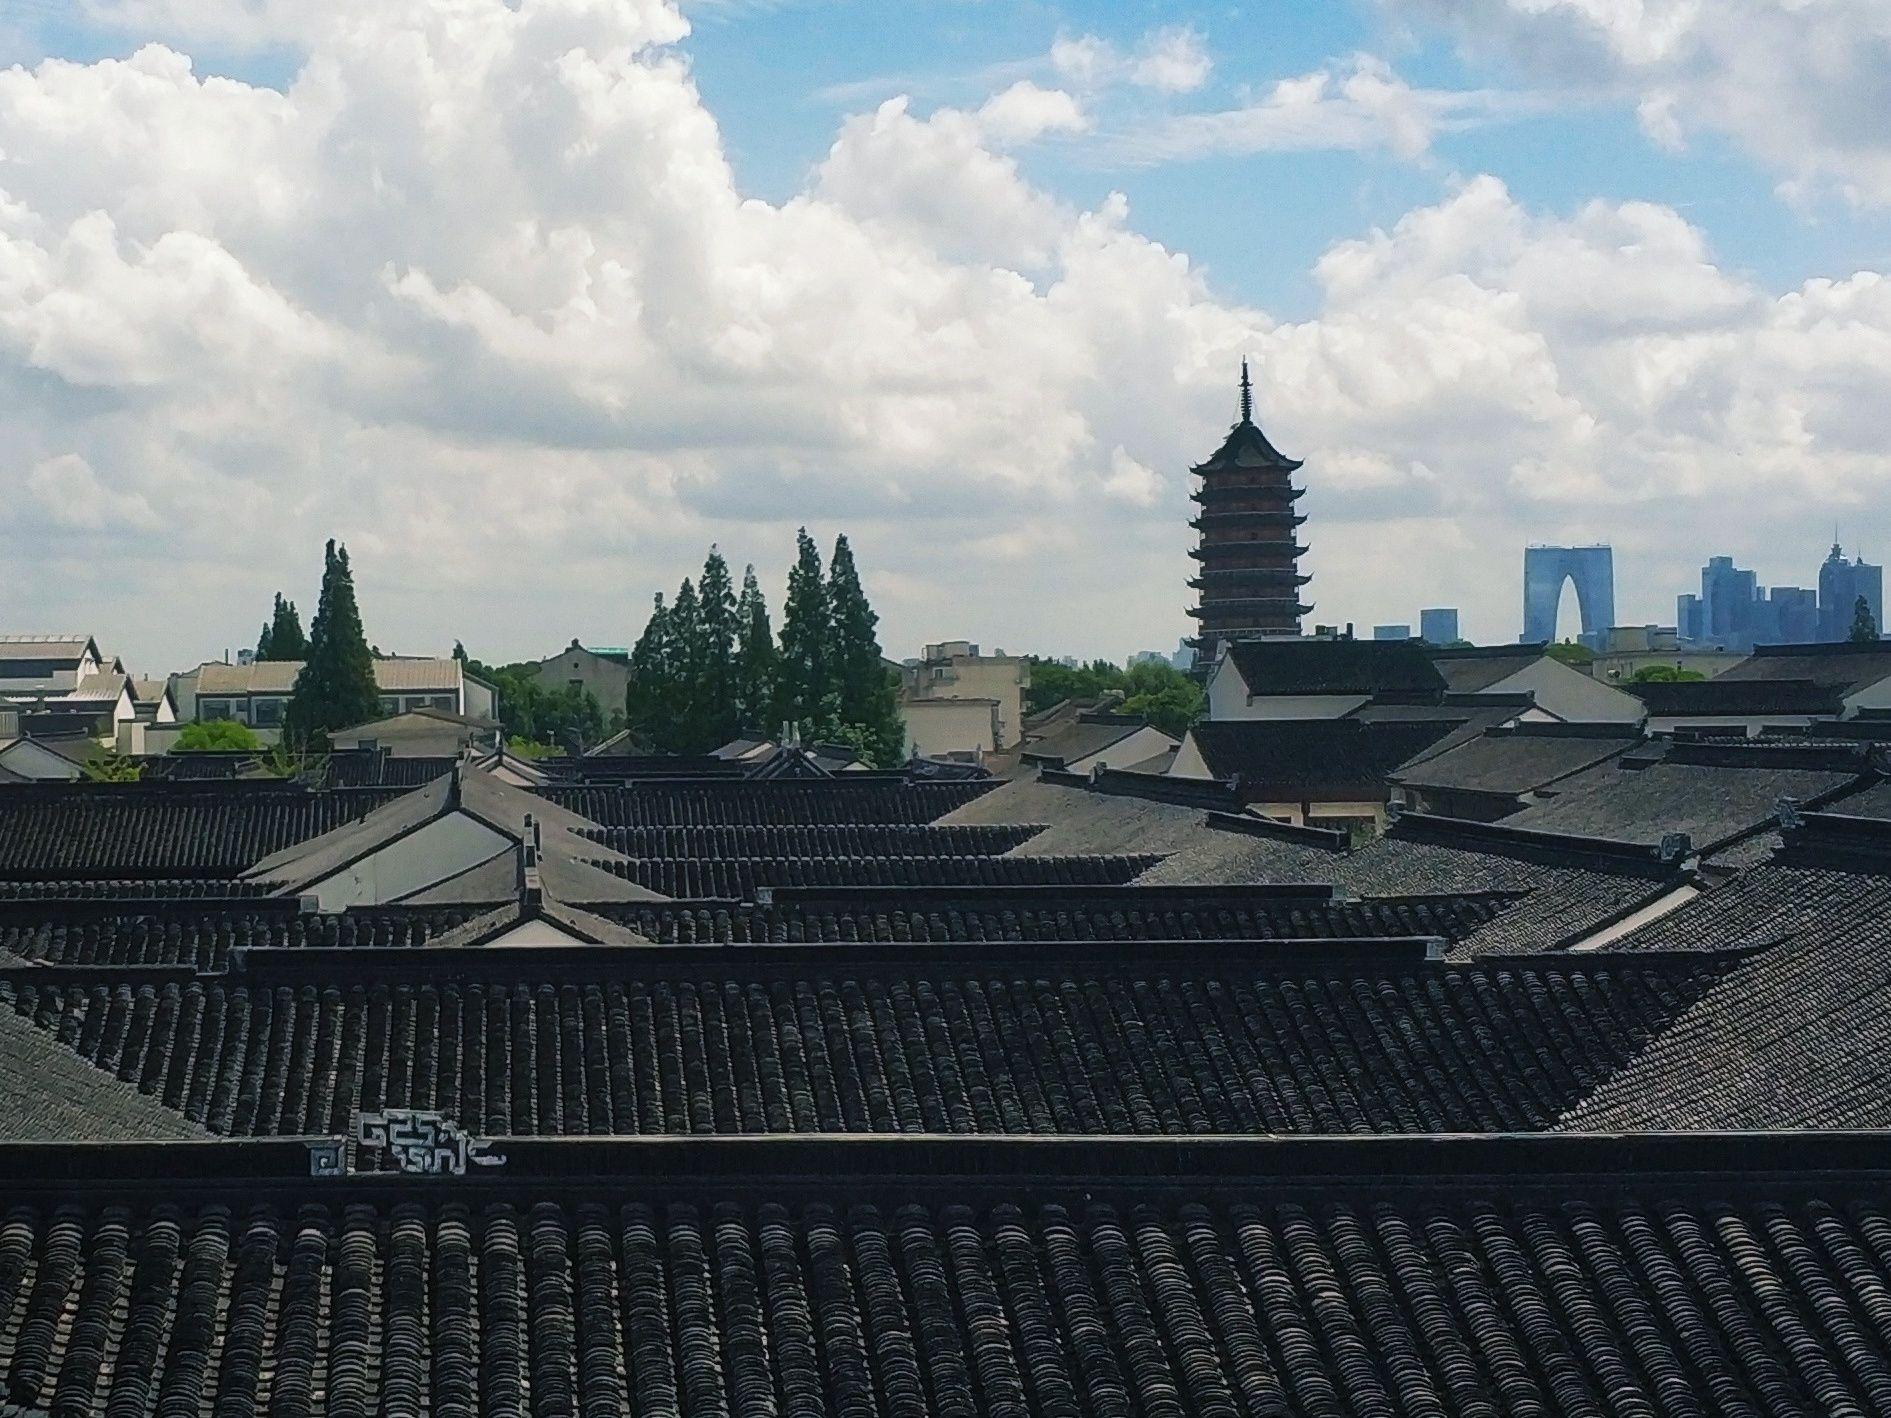 南京21世纪现代城_中国哪个城市的城市规划做得好? - 知乎